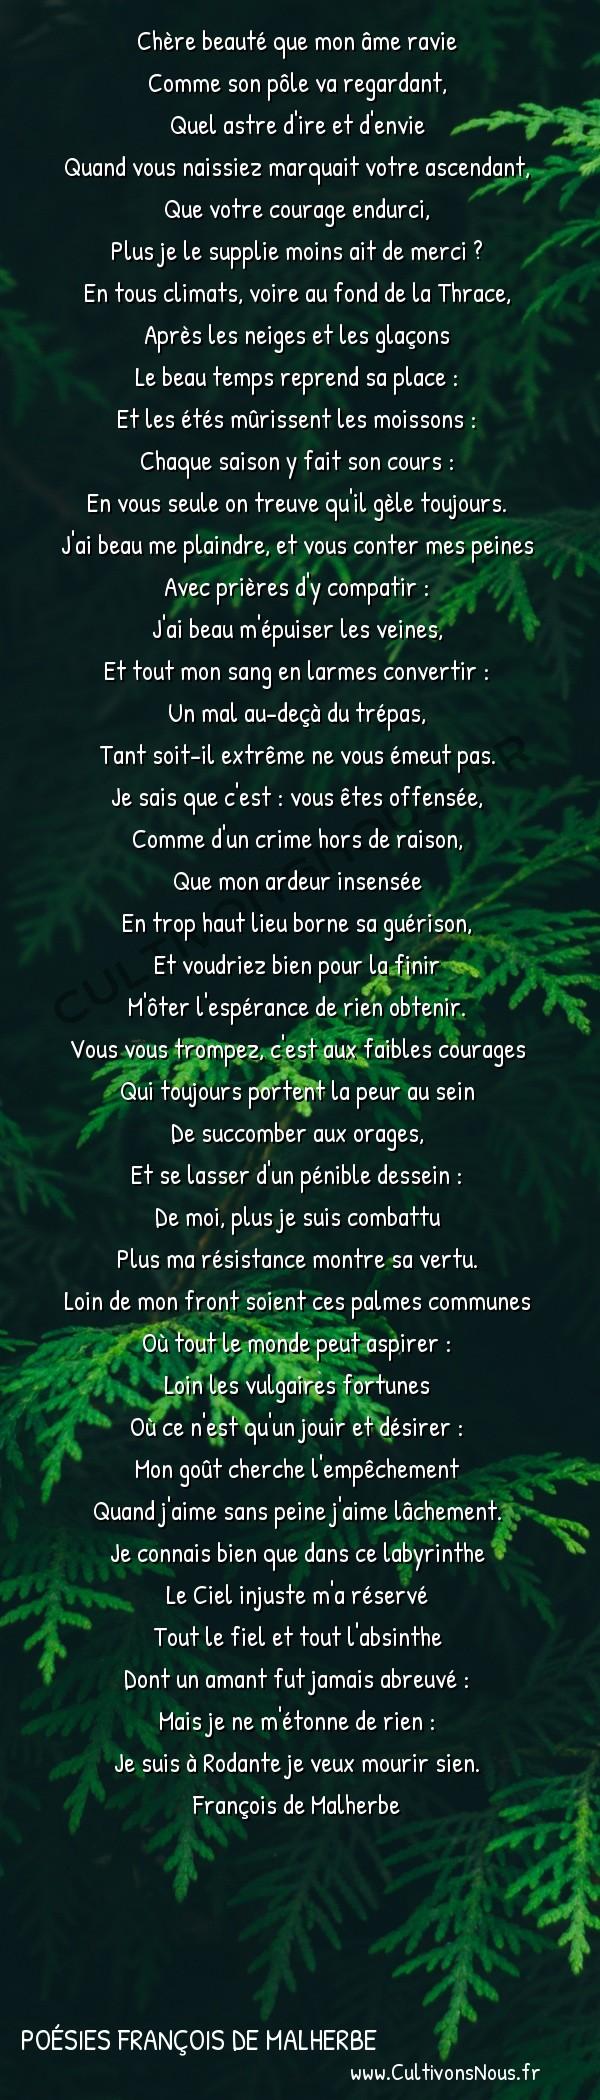 Poésies François de Malherbe - Chère beauté … -  Chère beauté que mon âme ravie Comme son pôle va regardant,